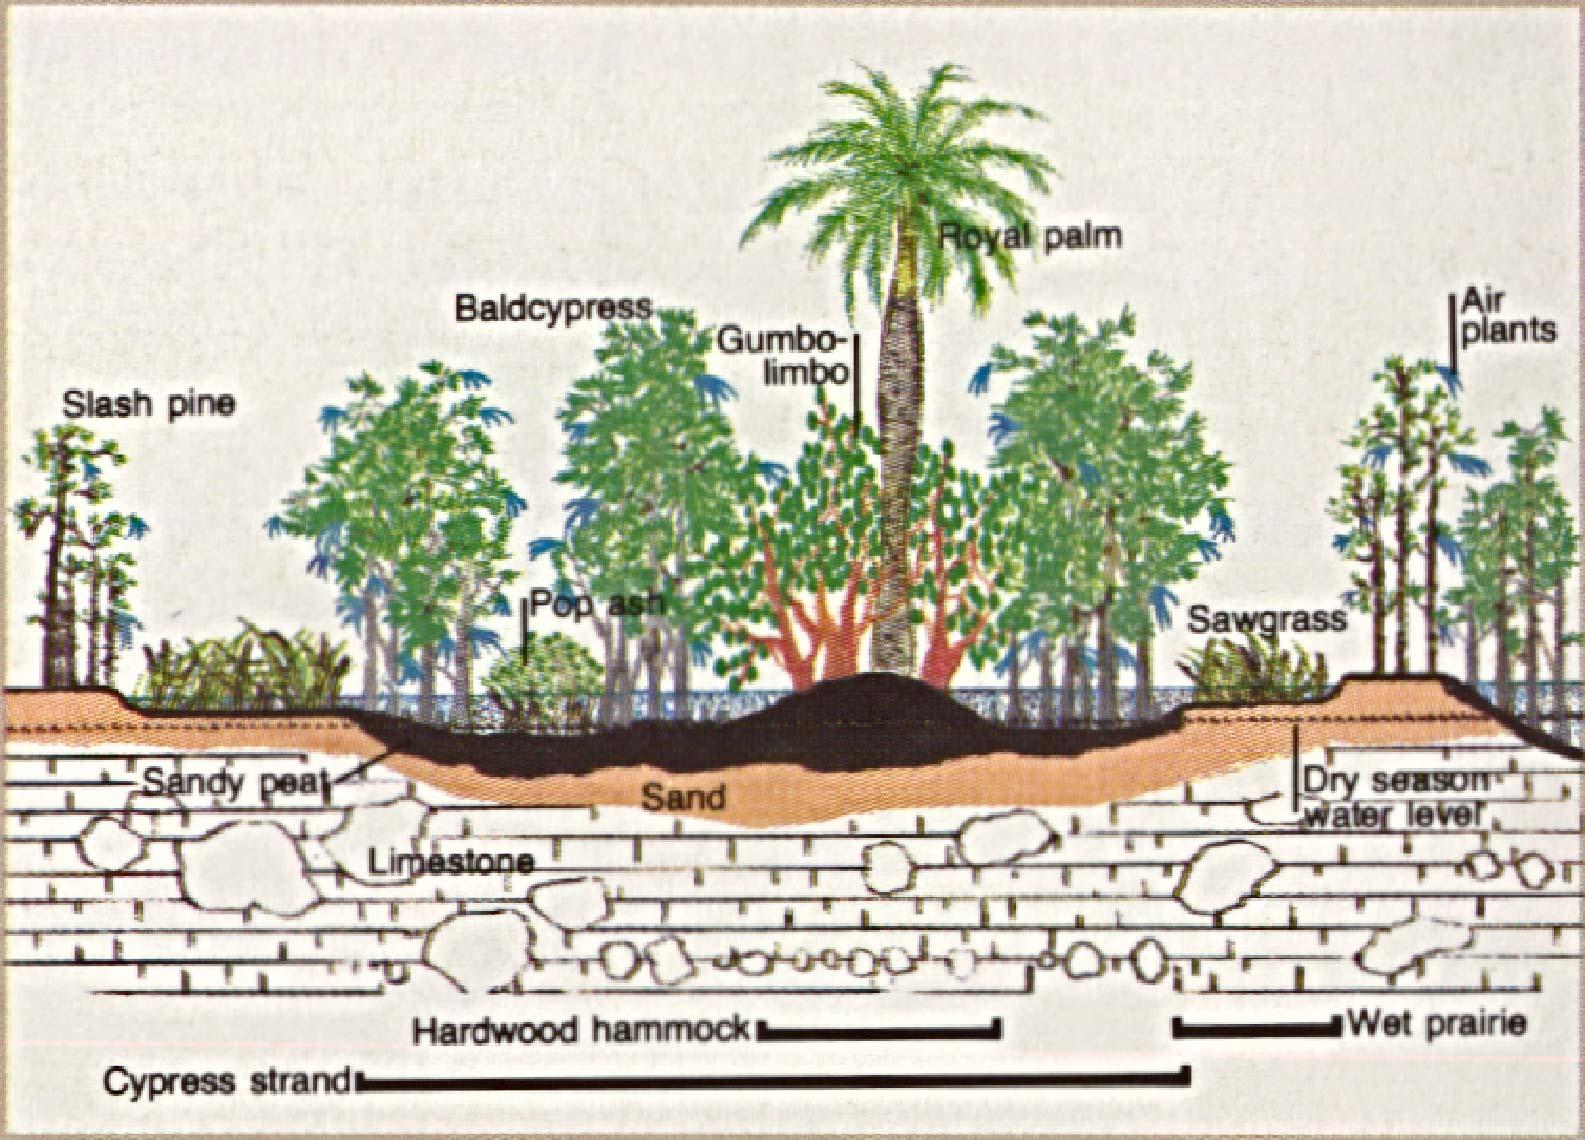 Mapa-Esquema de la Reserva Natural Nacional Big Cypress, Florida, Estados Unidos